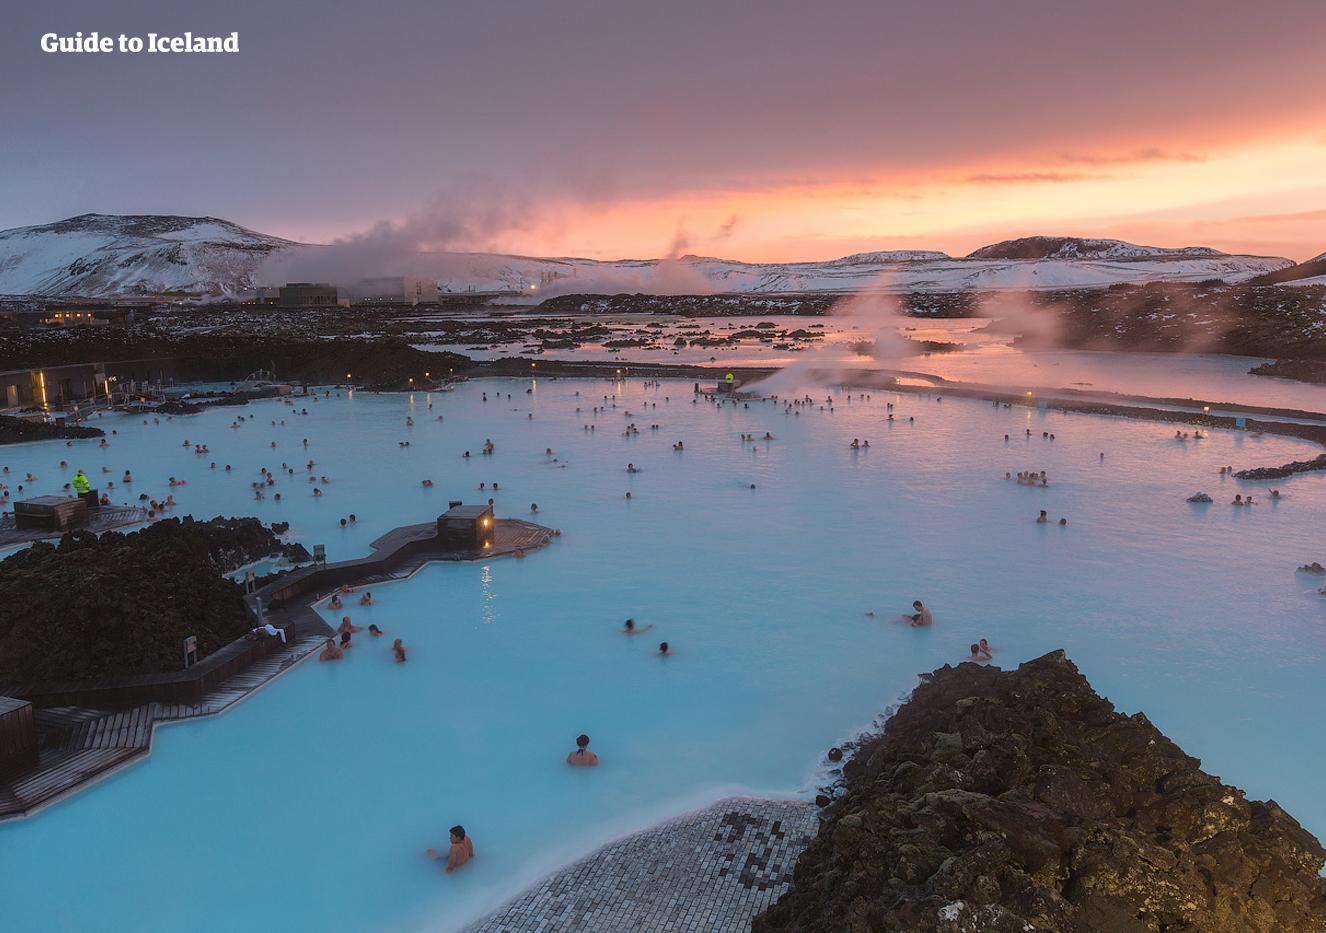 ต้อนรับสู่ไอซ์แลนด์ด้วยบลูลากูน ทะเลสาบหรูหราระดับโลก